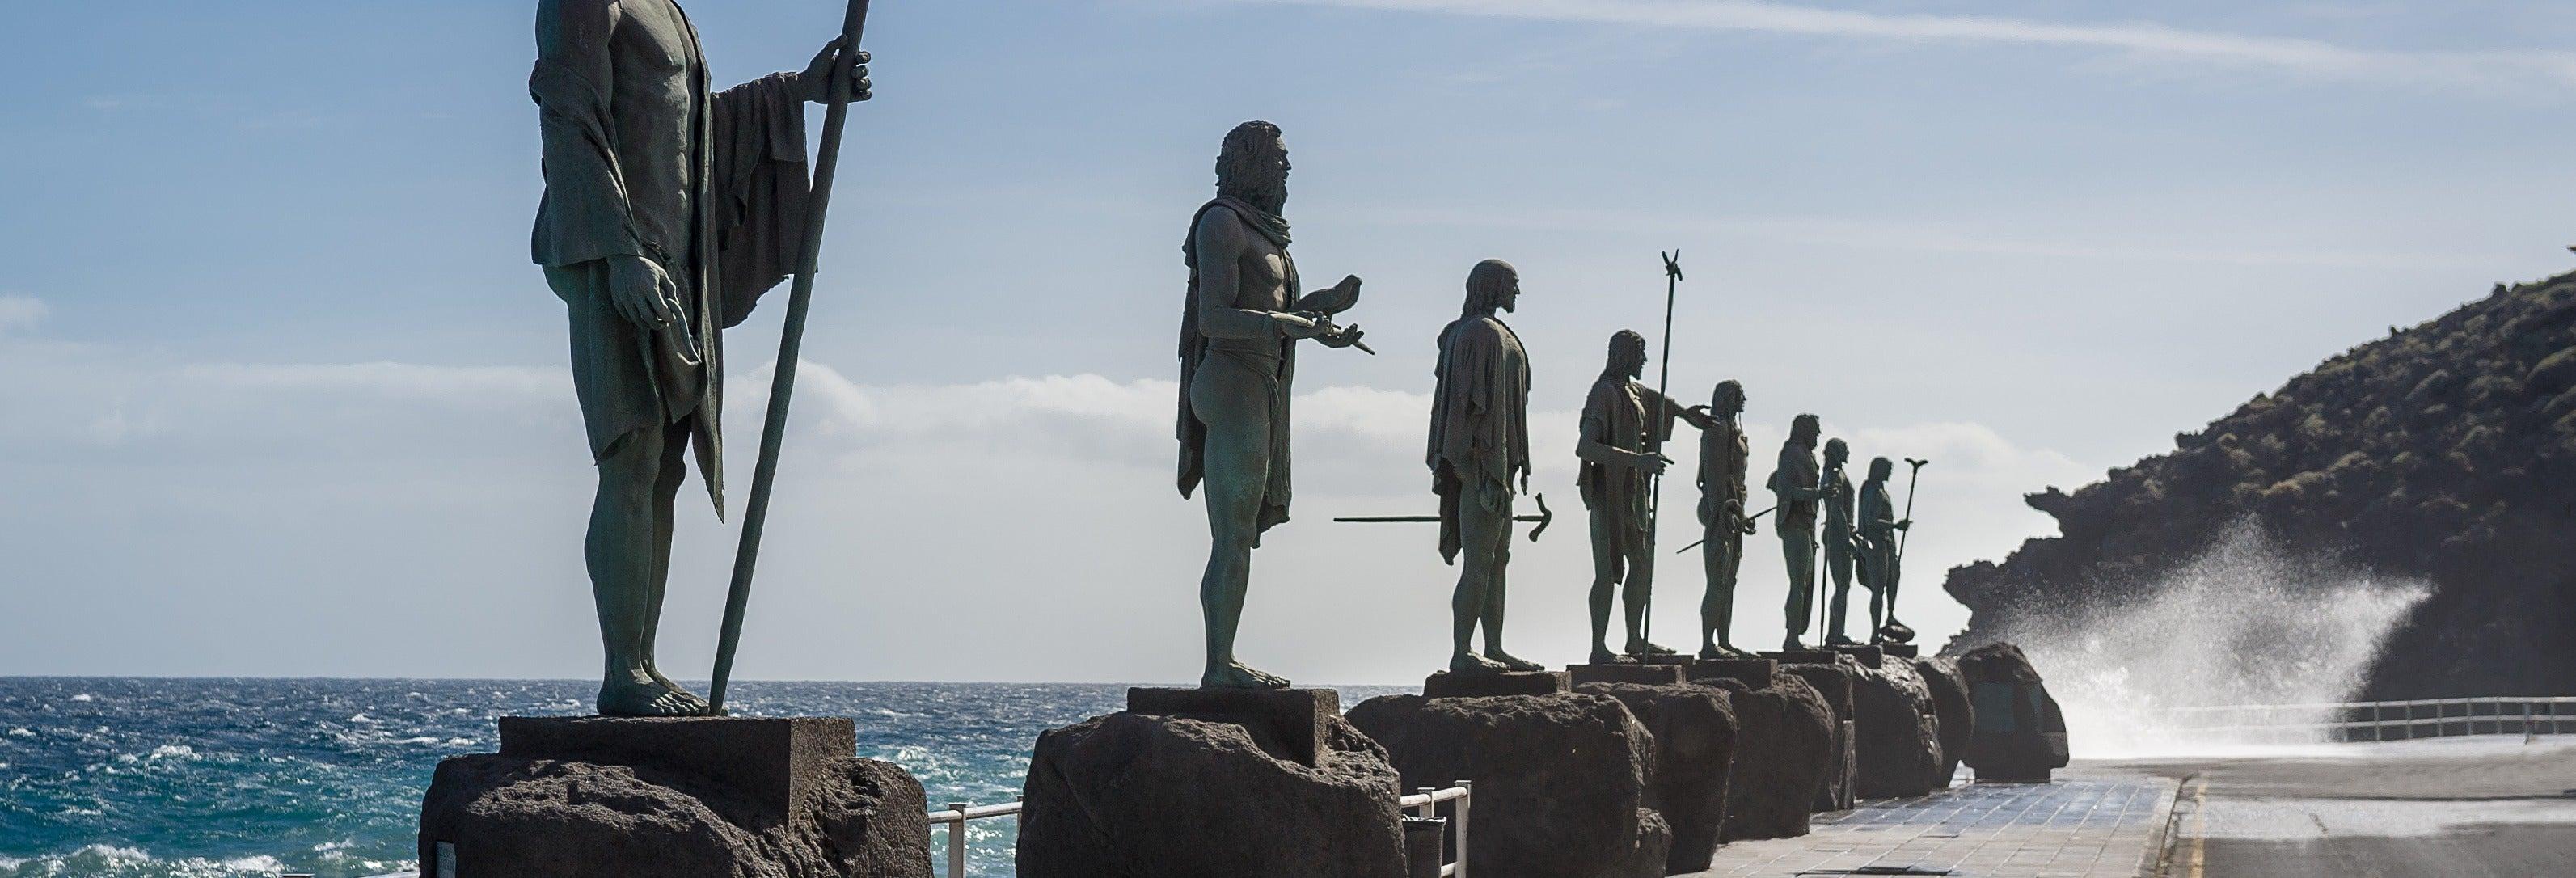 Tour dell'isola di Tenerife dal sud